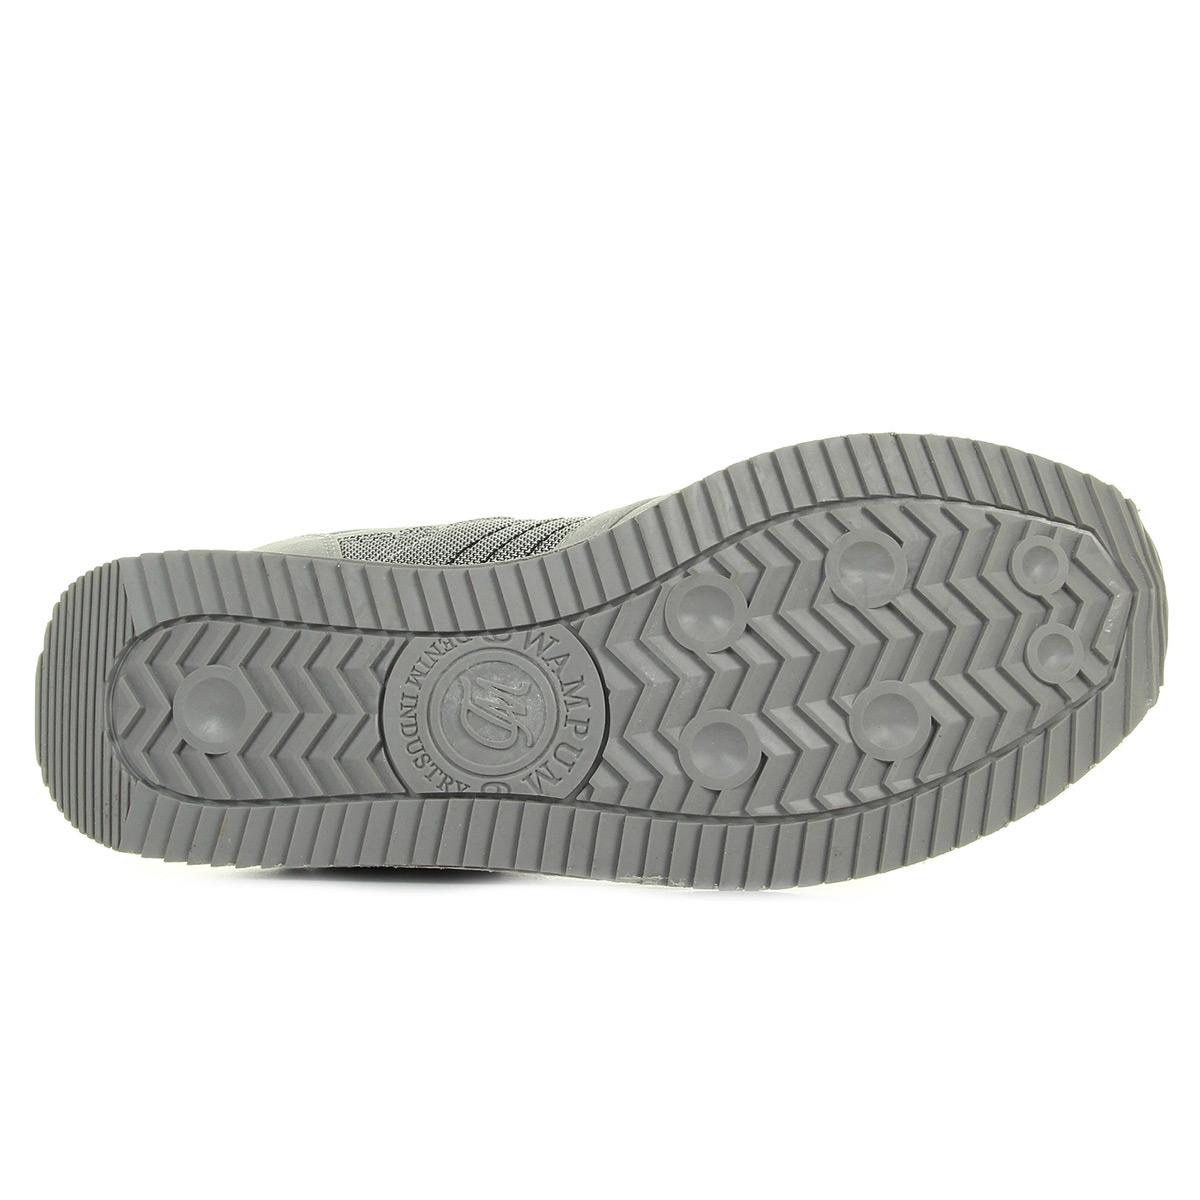 Schuhe Carrera Jeans Herren Candidate Tex Gray grau